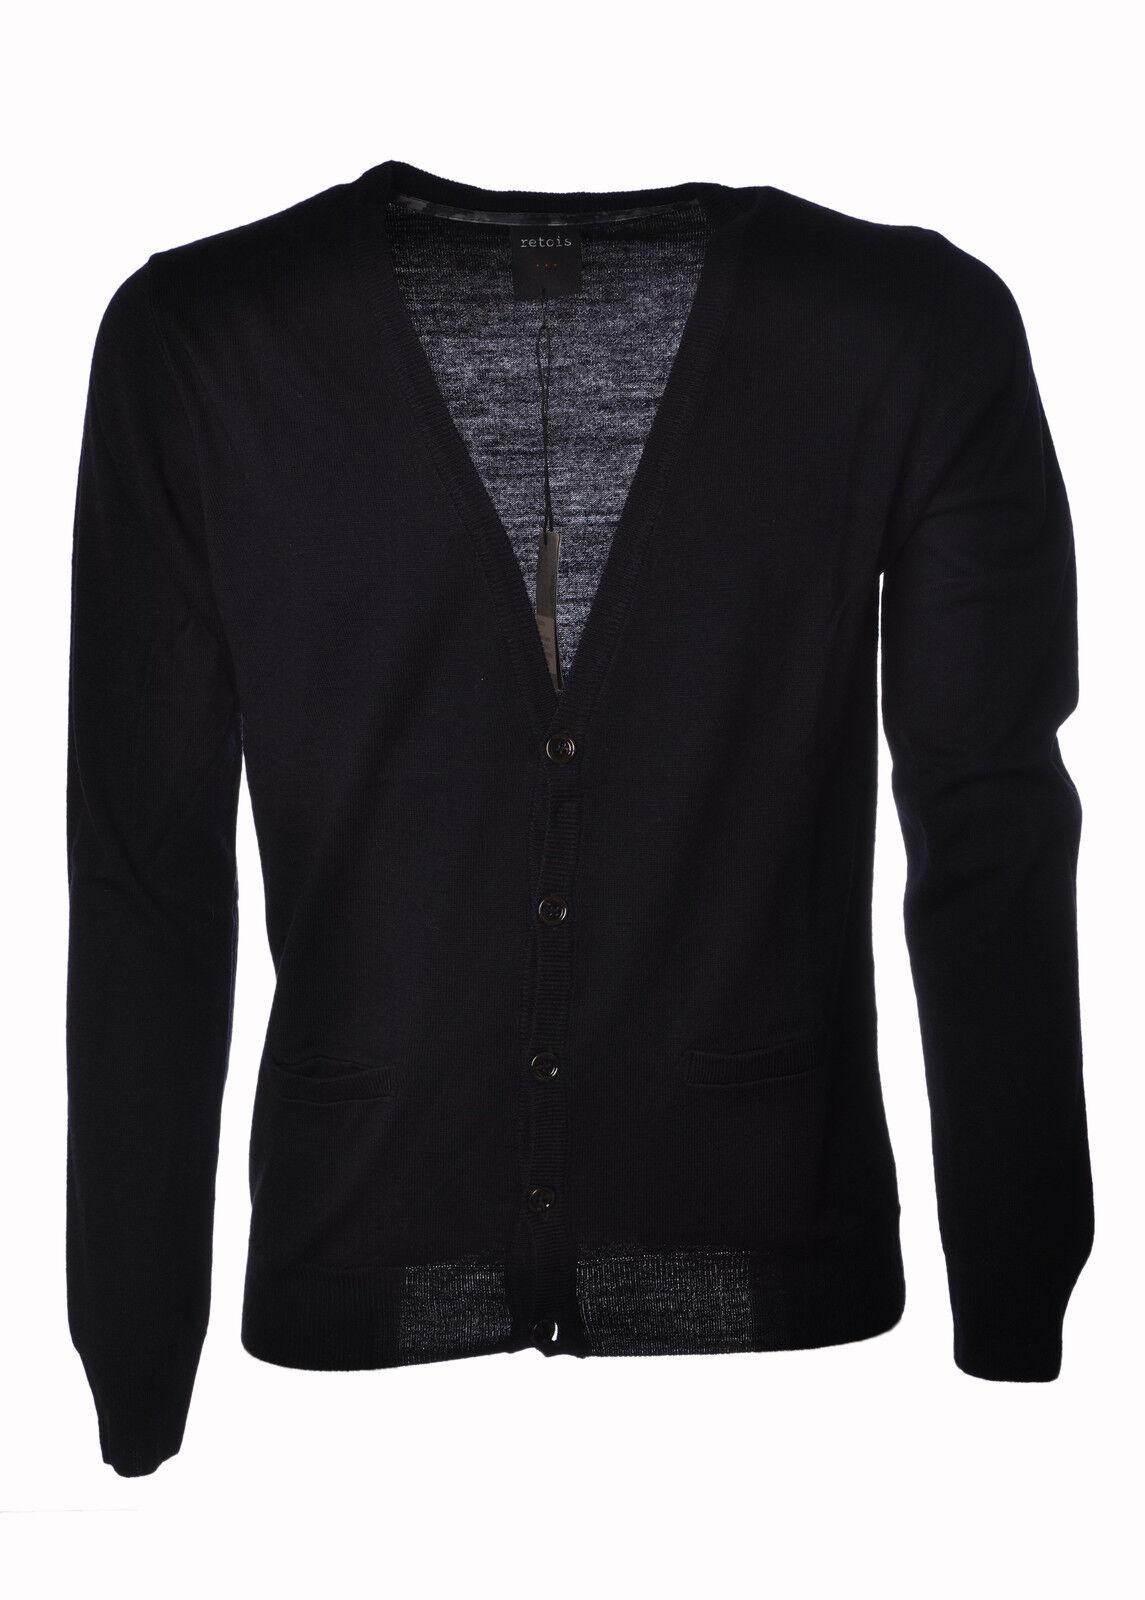 Retois - Knitwear-Cardigan - Man - Blau - 3860031C184018